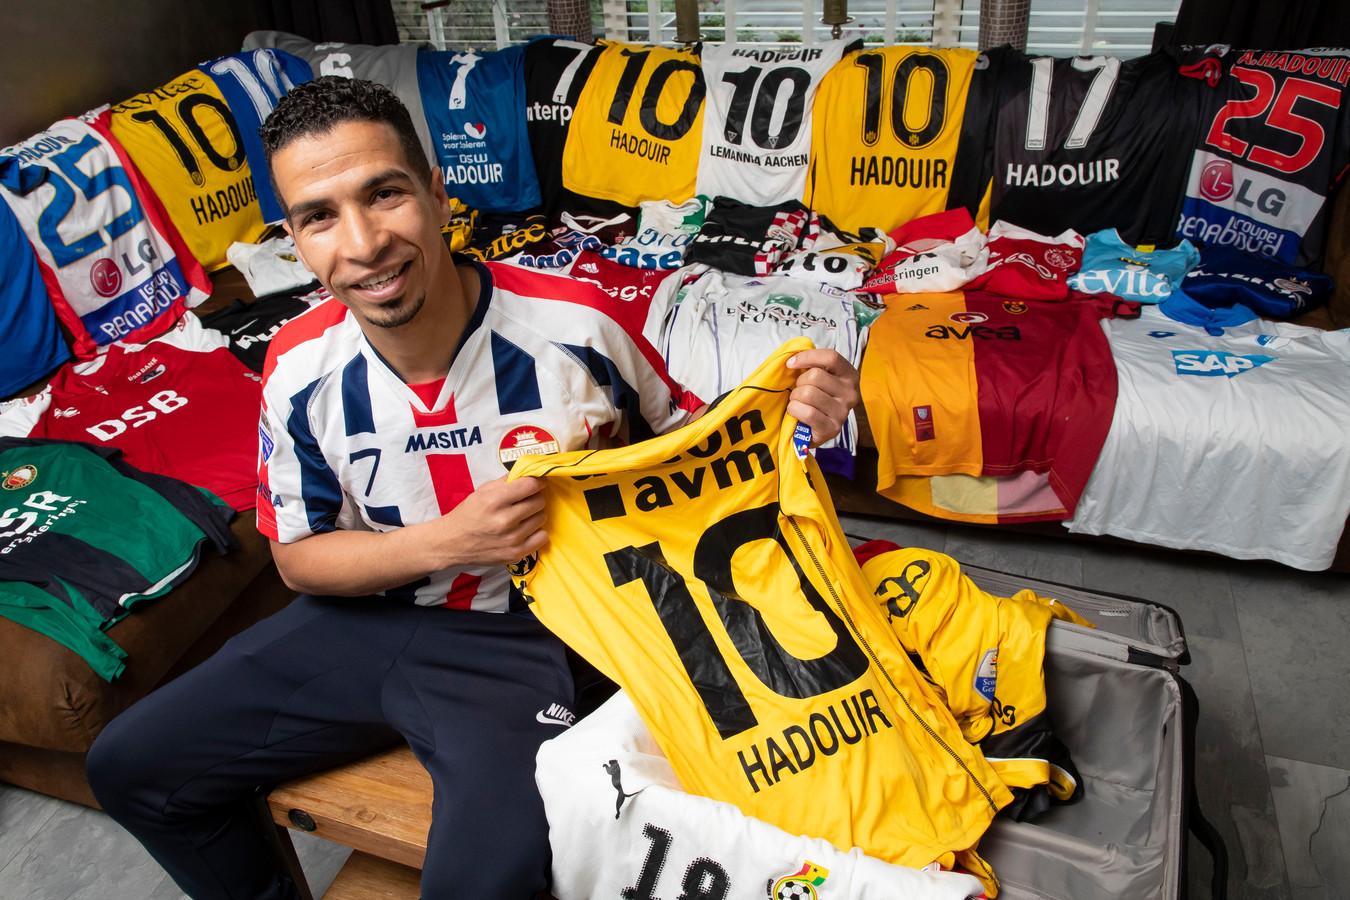 Anouar Hadouir sloot afgelopen zomer een rijke profvoetballoopbaan af.